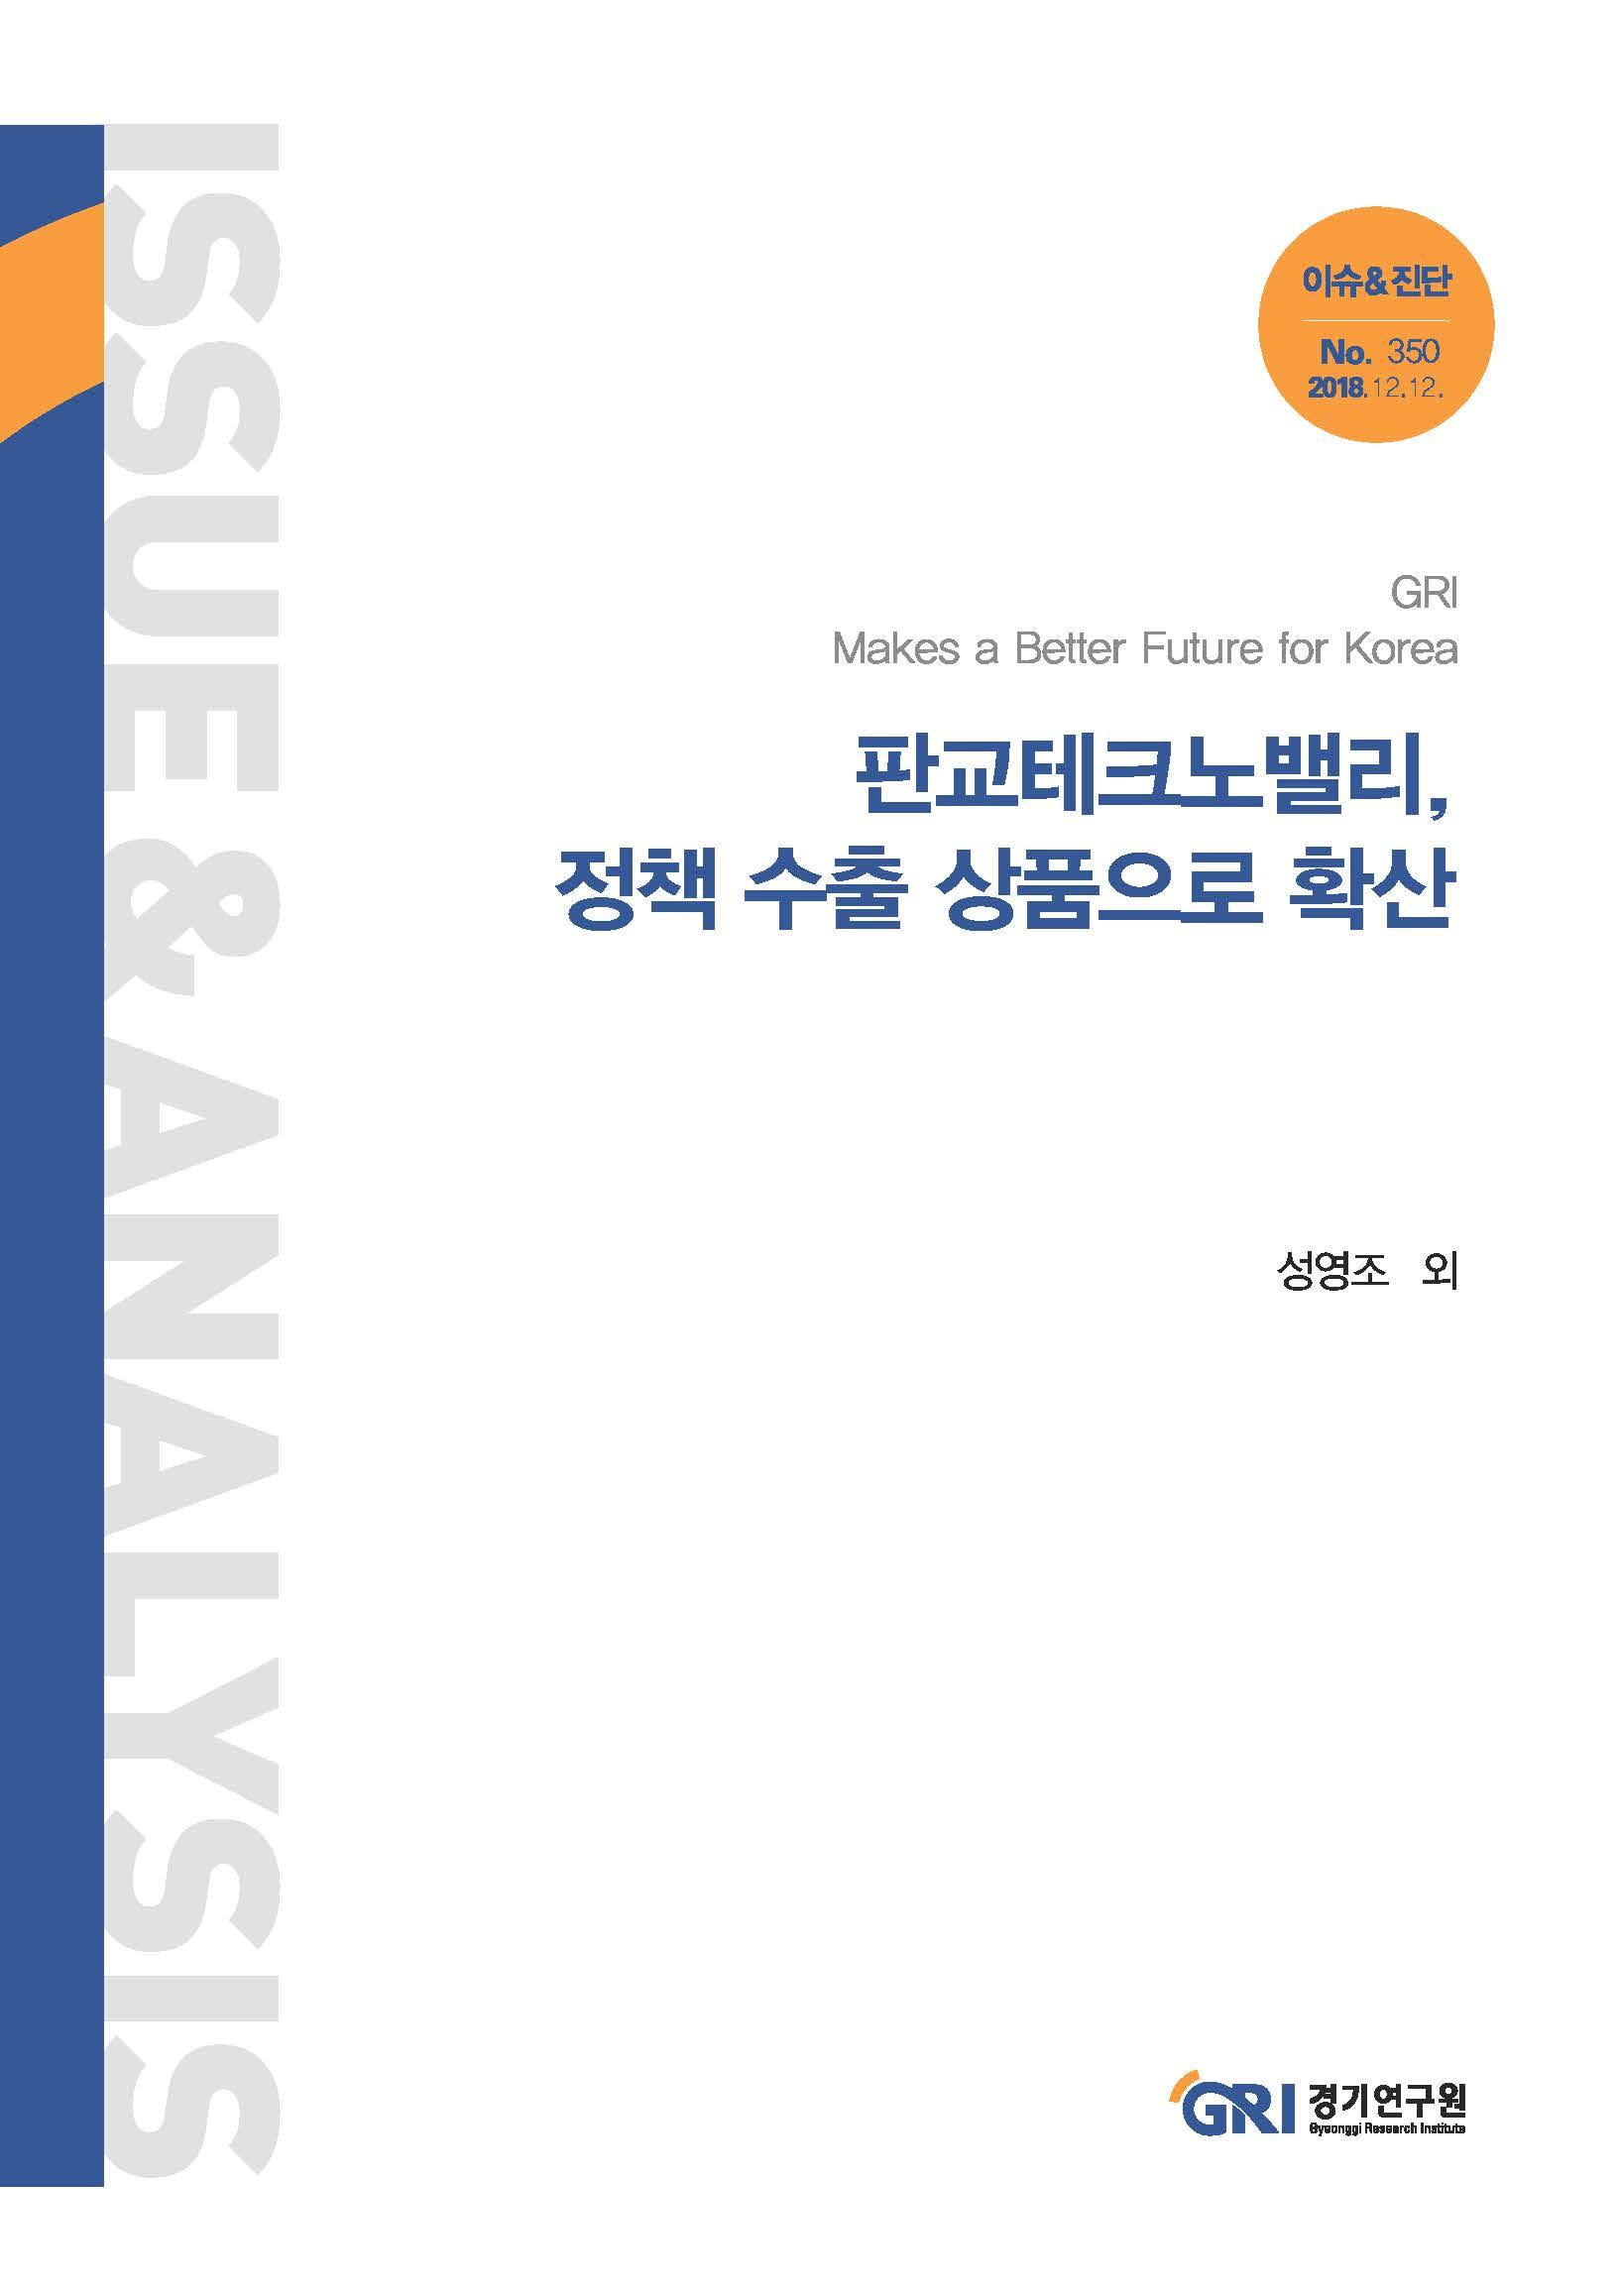 판교테크노밸리, 정책 수출 상품으로 확산